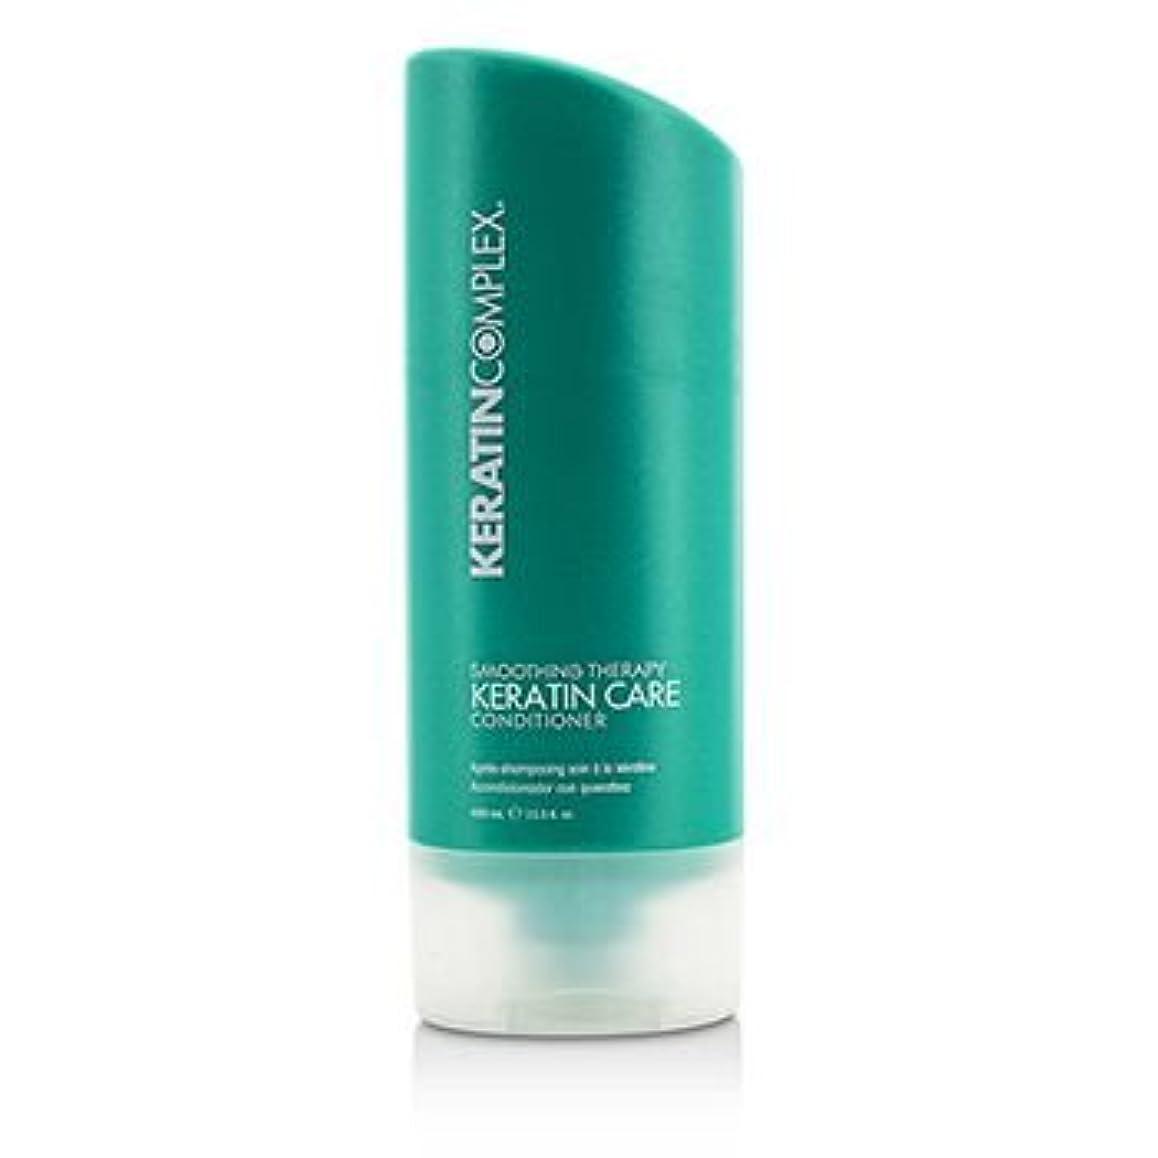 責め固めるログ[Keratin Complex] Smoothing Therapy Keratin Care Conditioner (For All Hair Types) 1000ml/33.8oz